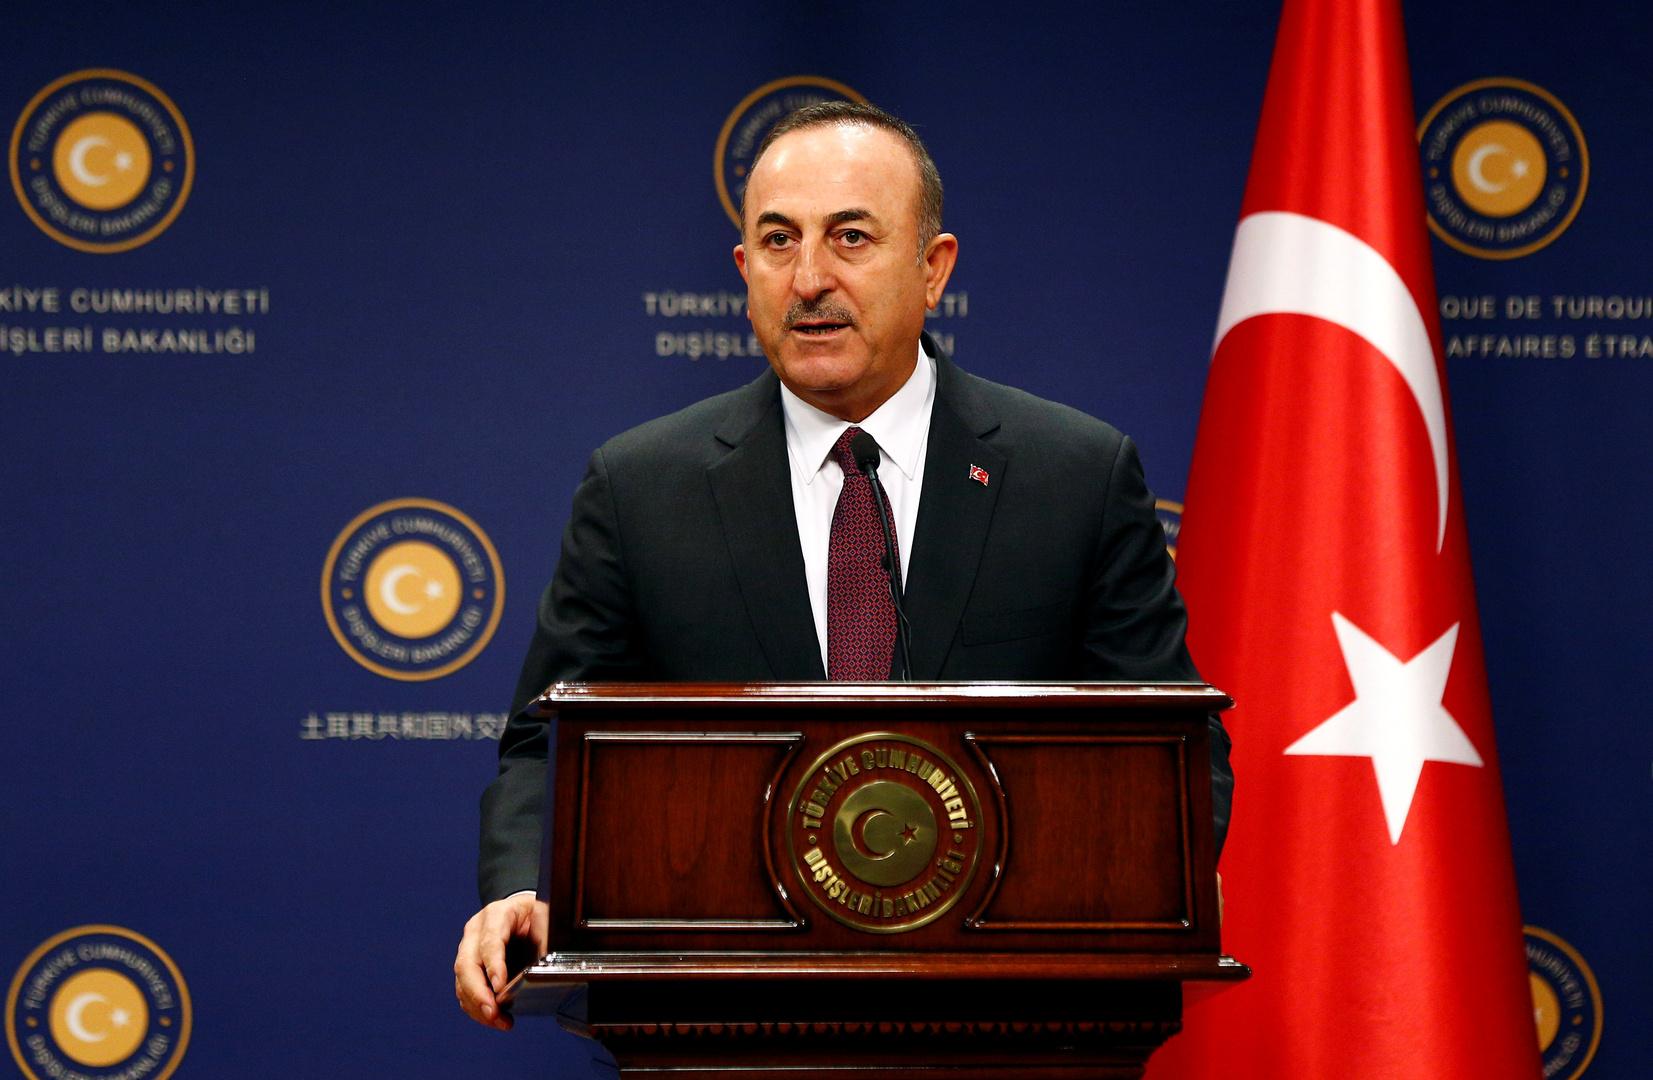 أنقرة: دماء الجنديين التركيين اللذين قتلا في إدلب لن تذهب سدى